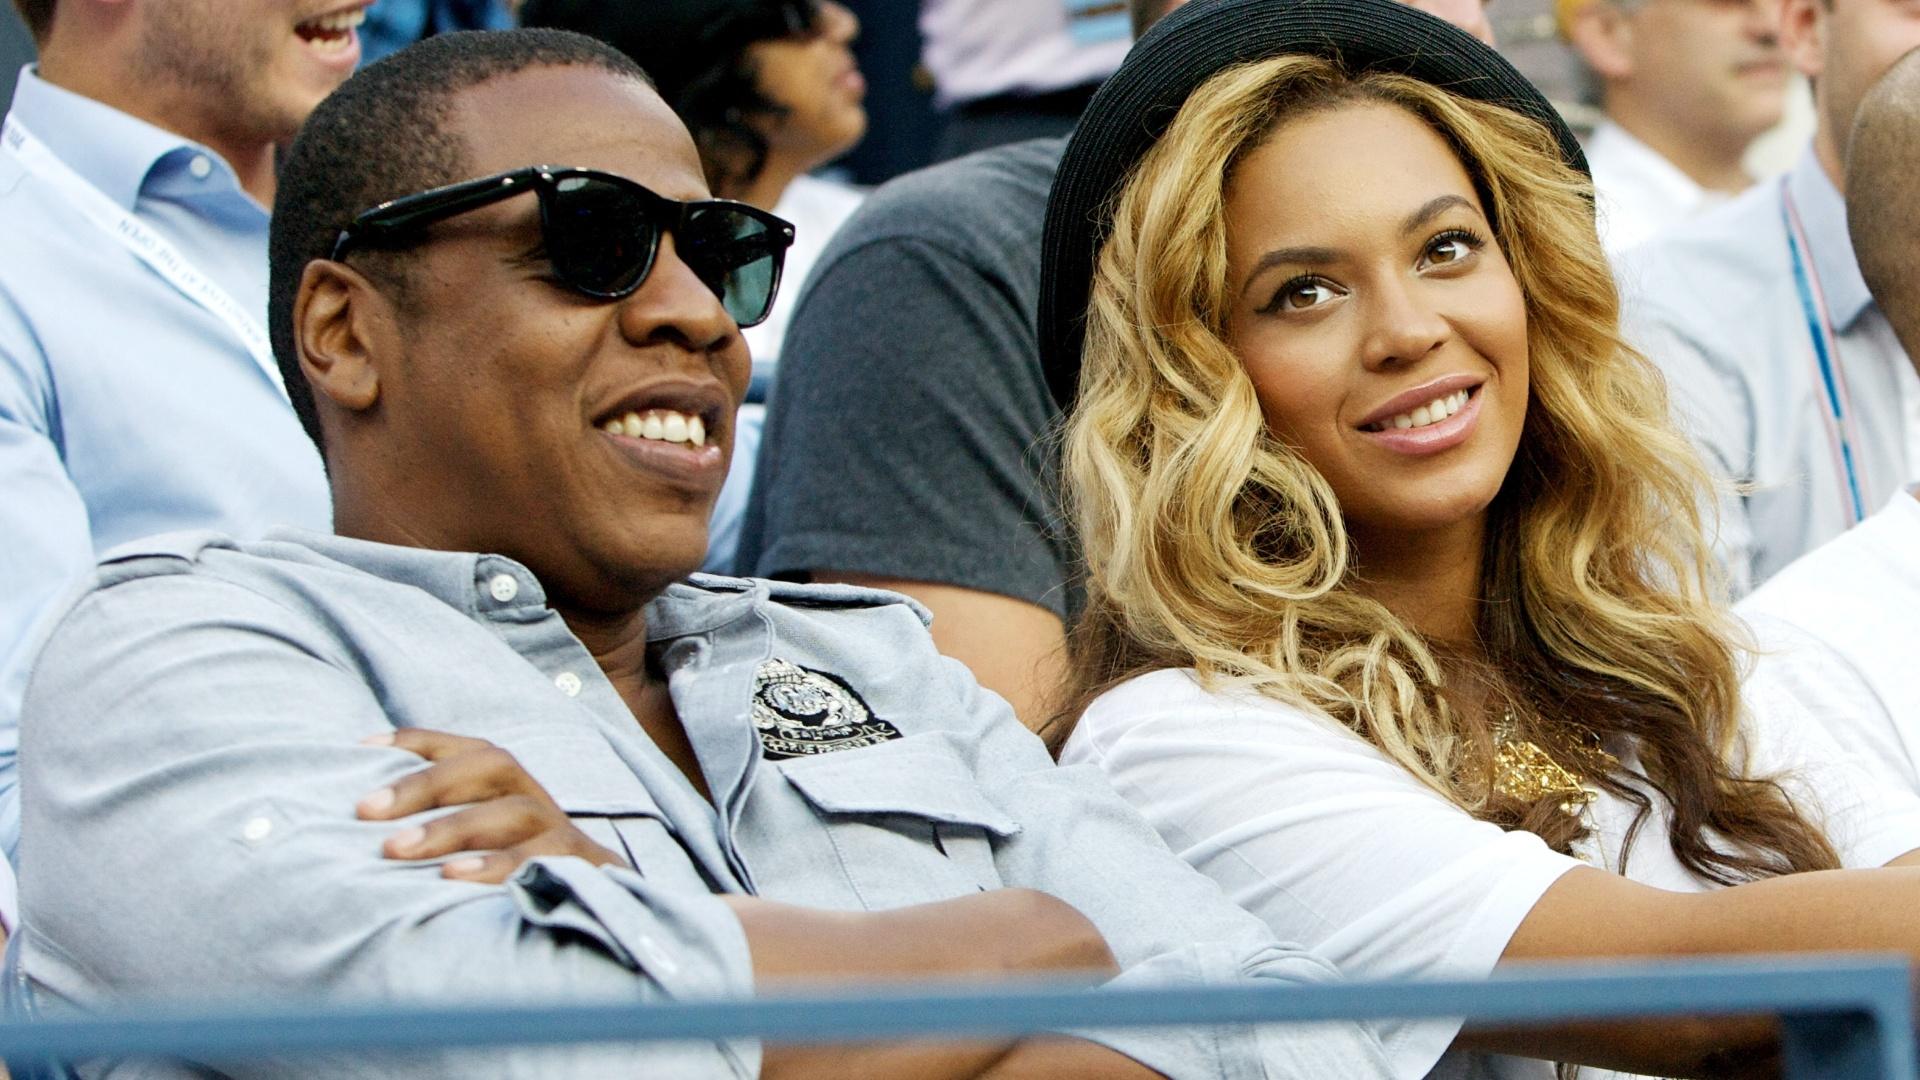 Grávida do primeiro filho, cantora Beyoncé e o marido Jay-Z assistem torneio de tênis (12/9/11)